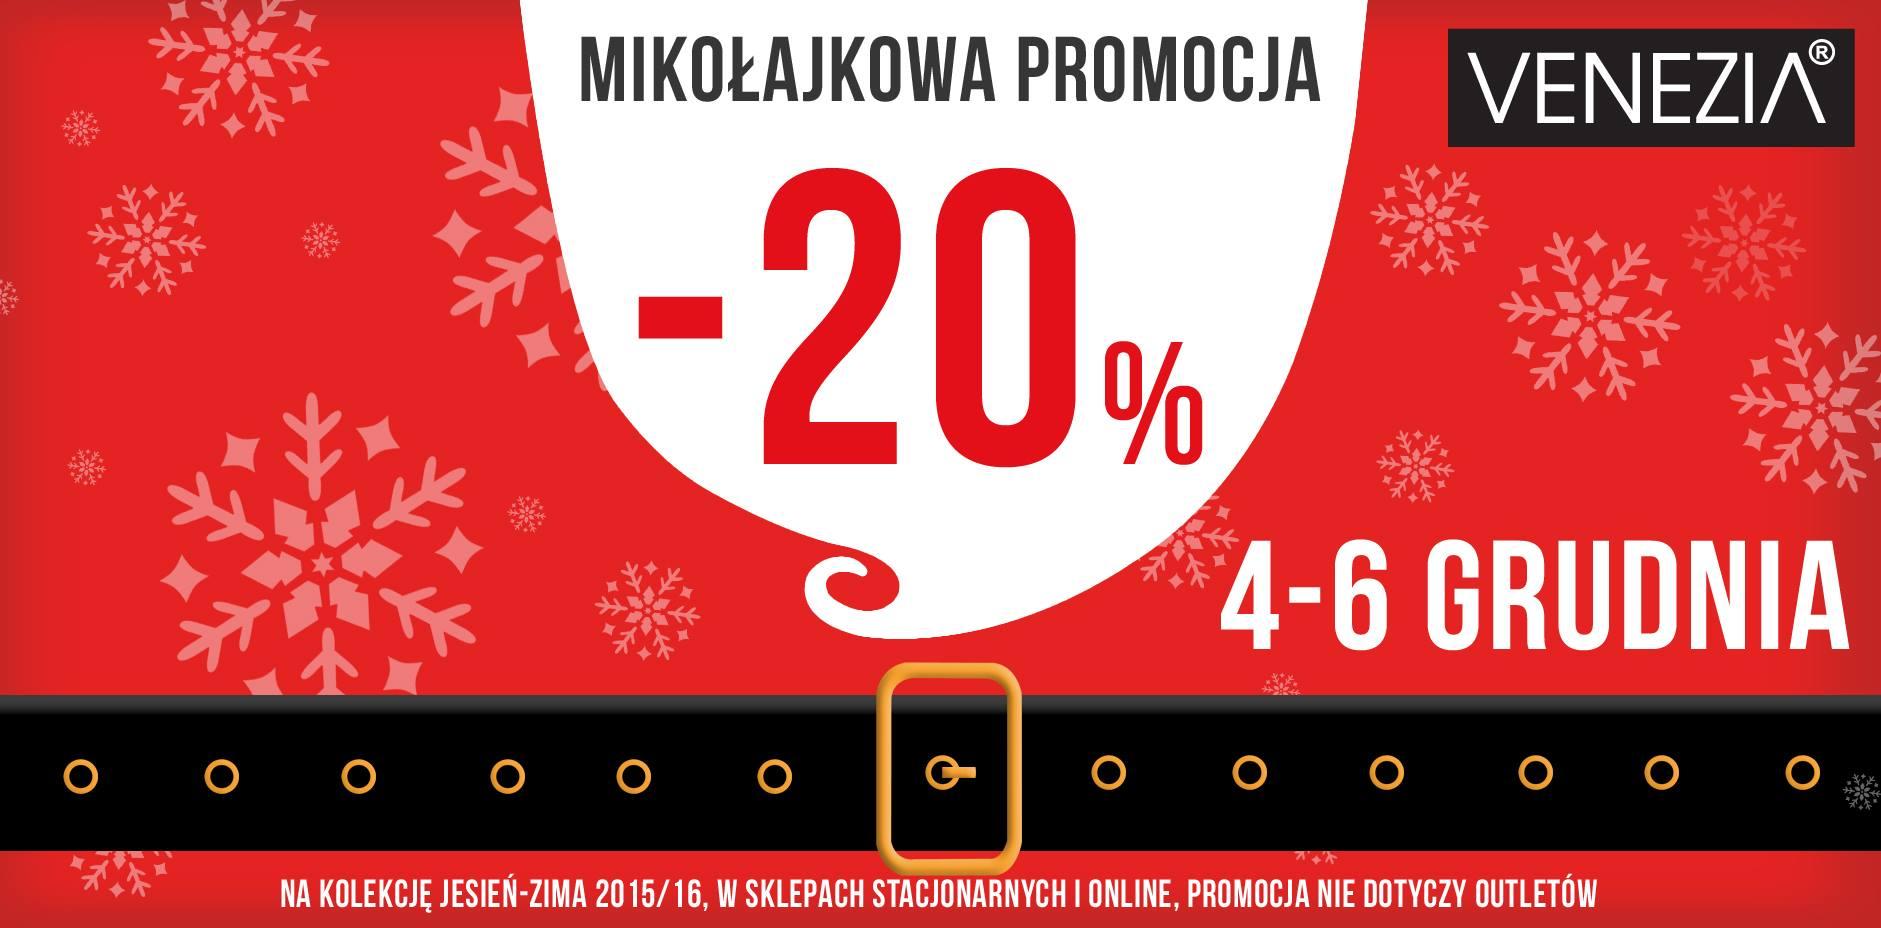 Venezia: 20% promocja na kolekcję jesień-zima 2015/16